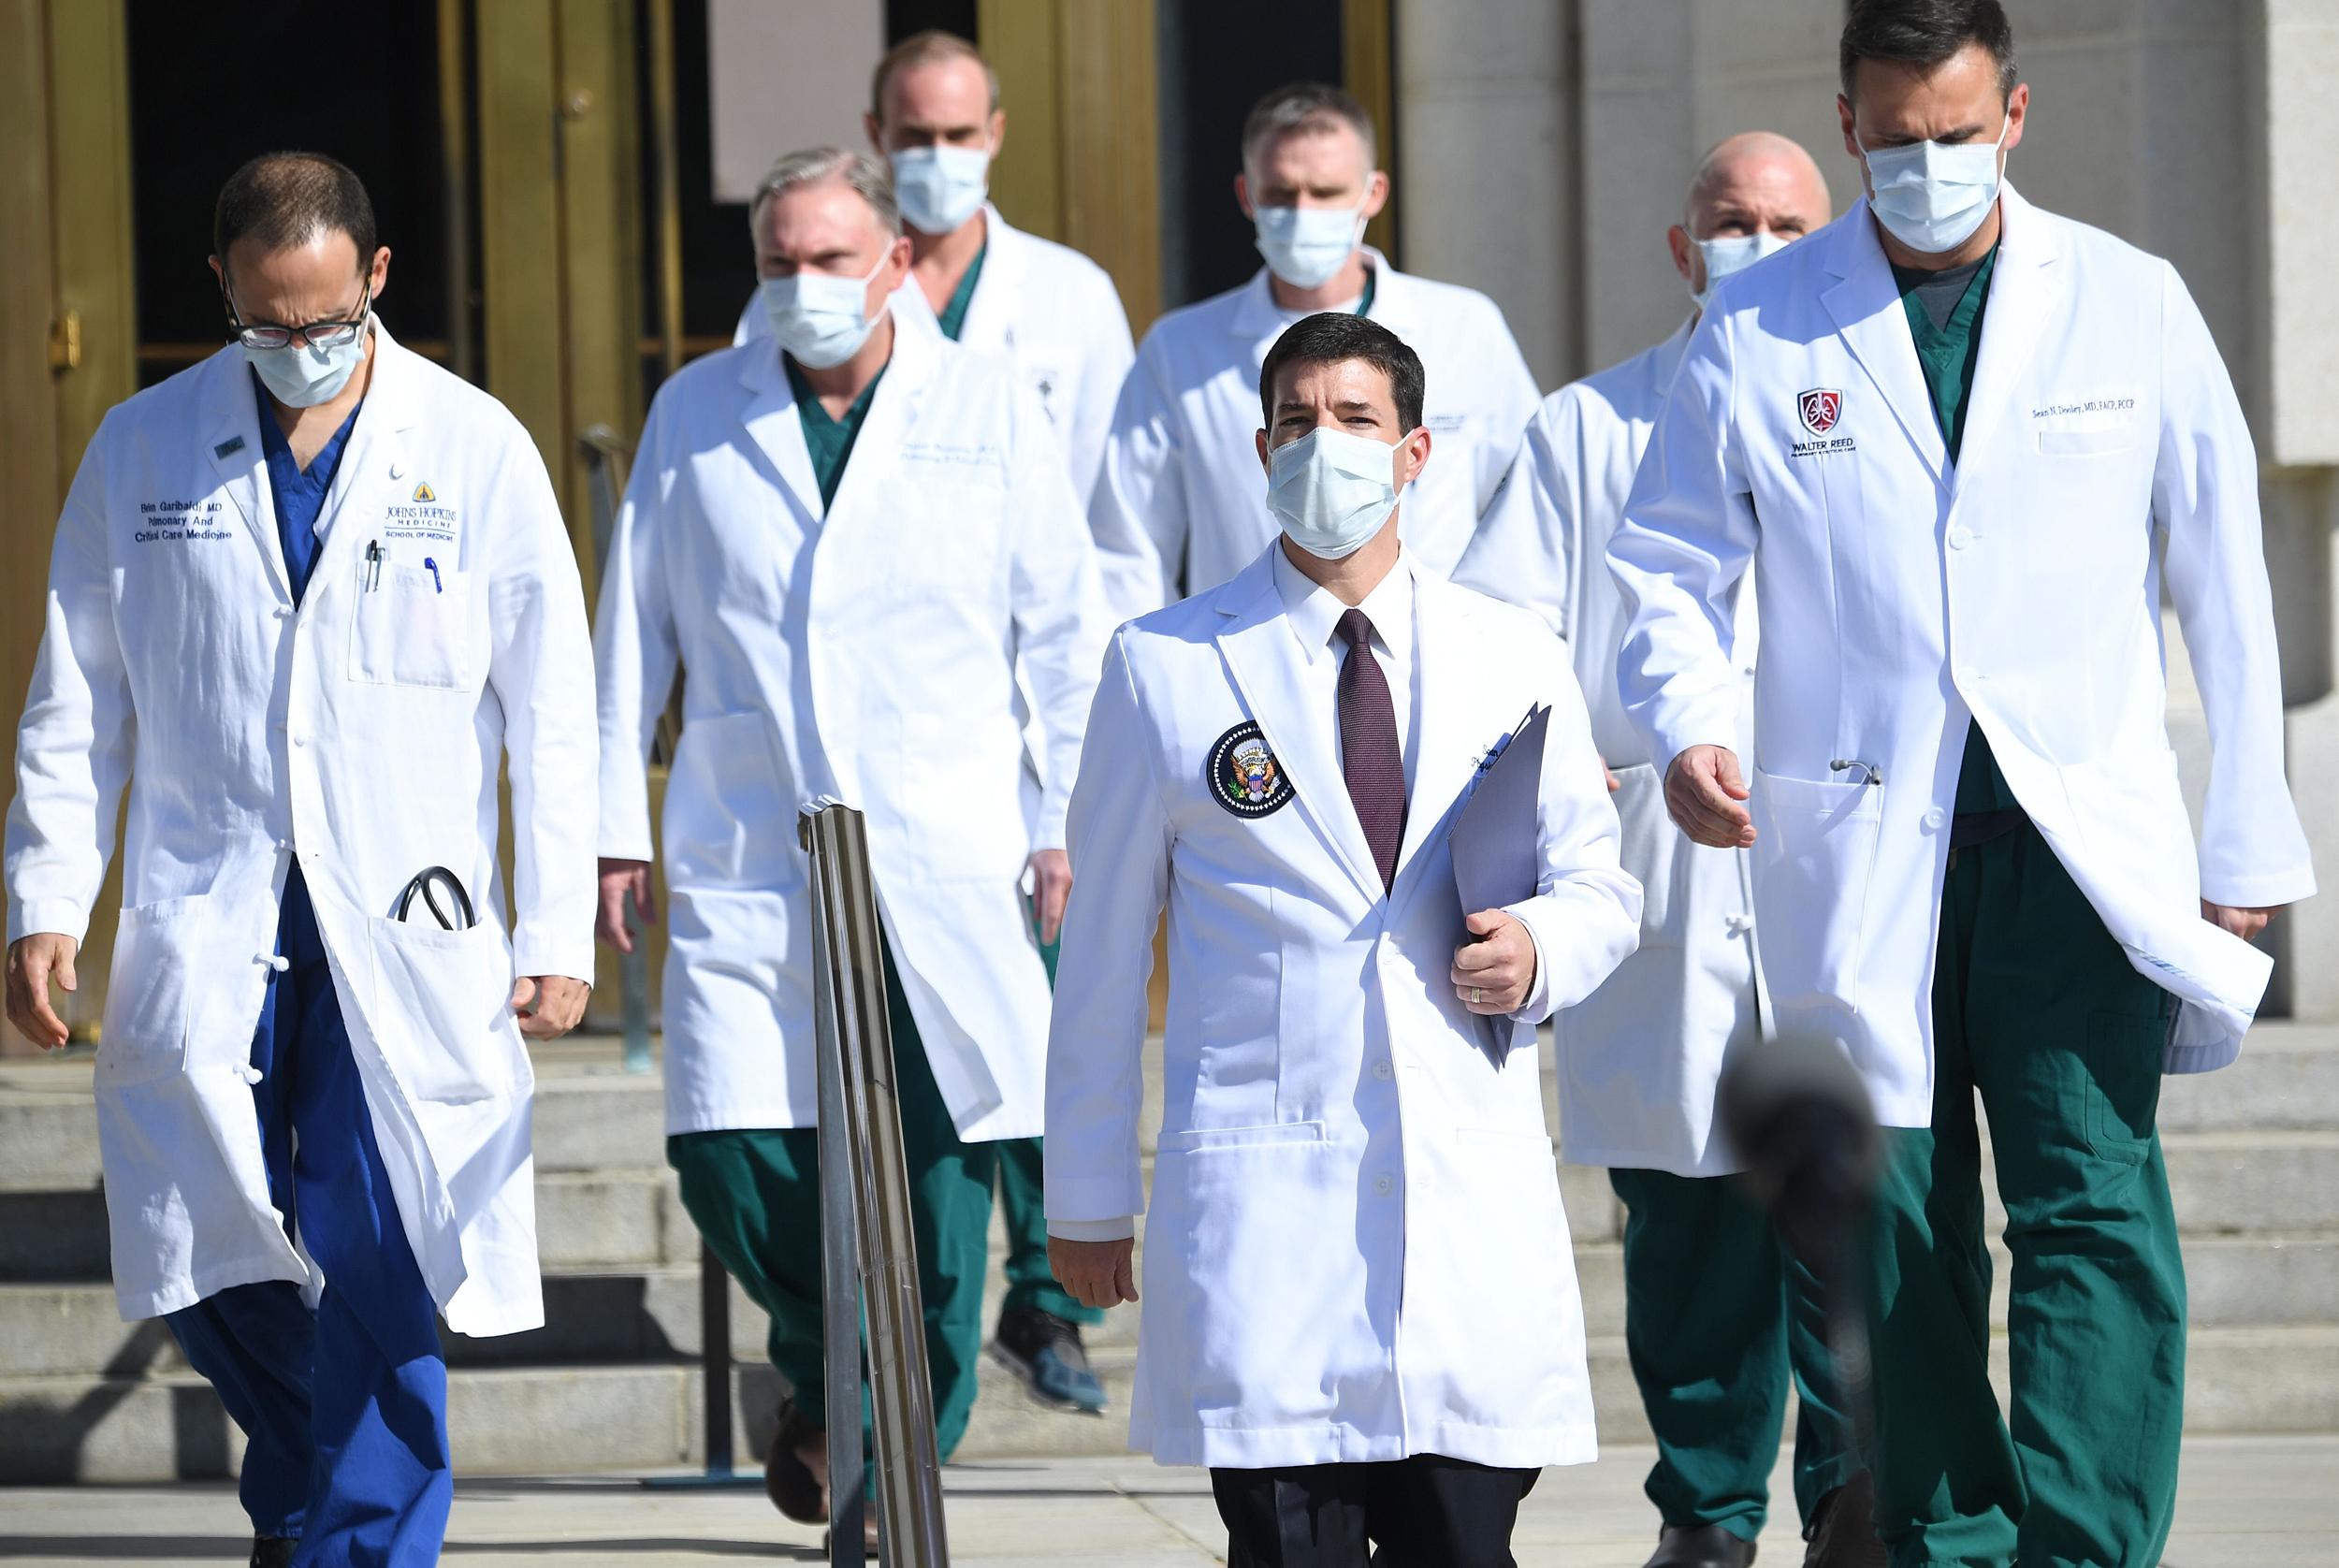 Ένωση Ασθενών Ελλάδας εμβολιασμός : Το Υπουργείο Υγείας να δημοσιοποιήσει πόσοι υγειονομικοί εμβολιάστηκαν